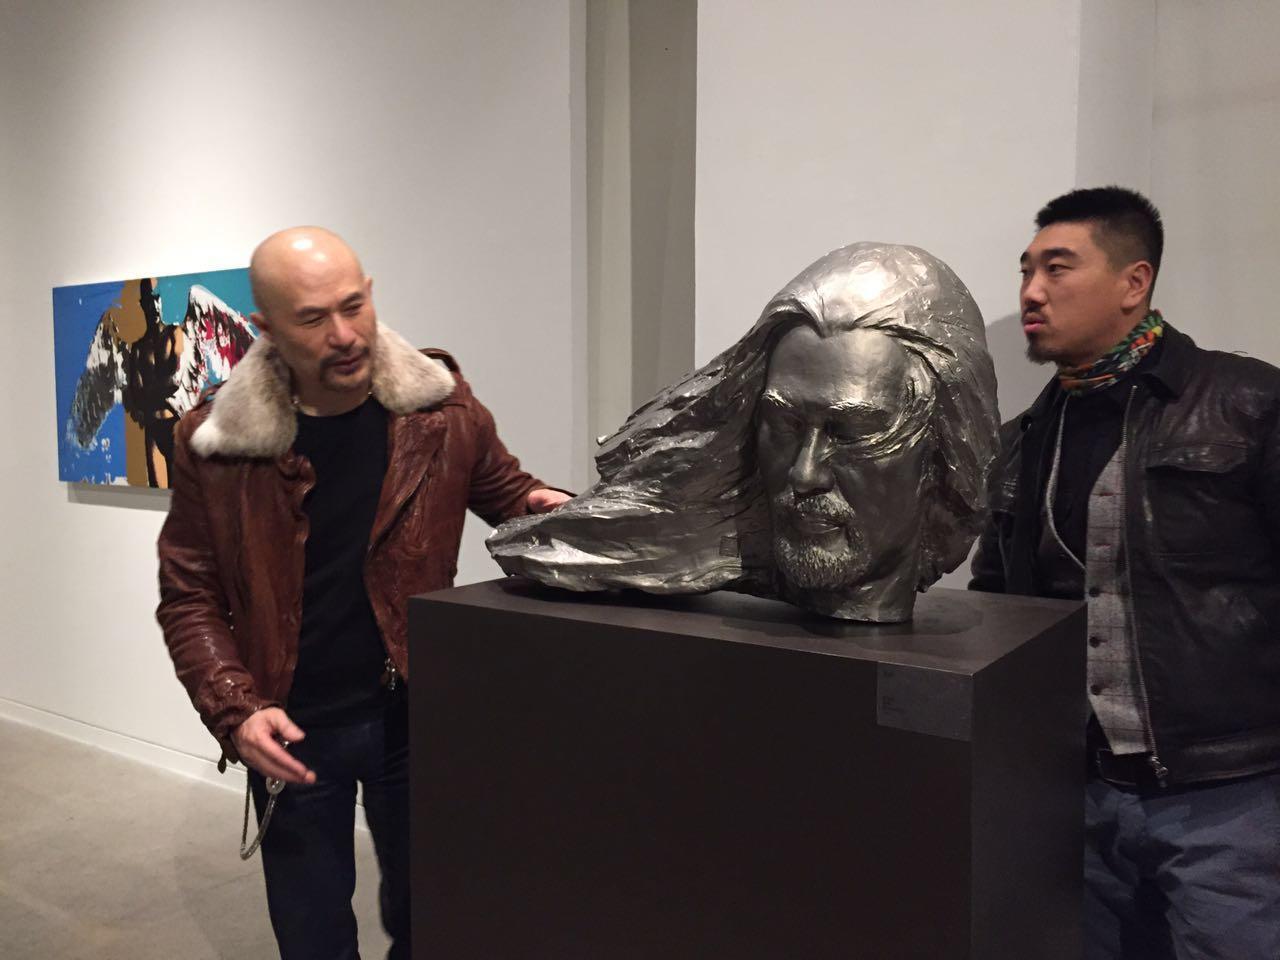 徐锦江曾是三级片演员也是美术大师 连盖房子都拿手